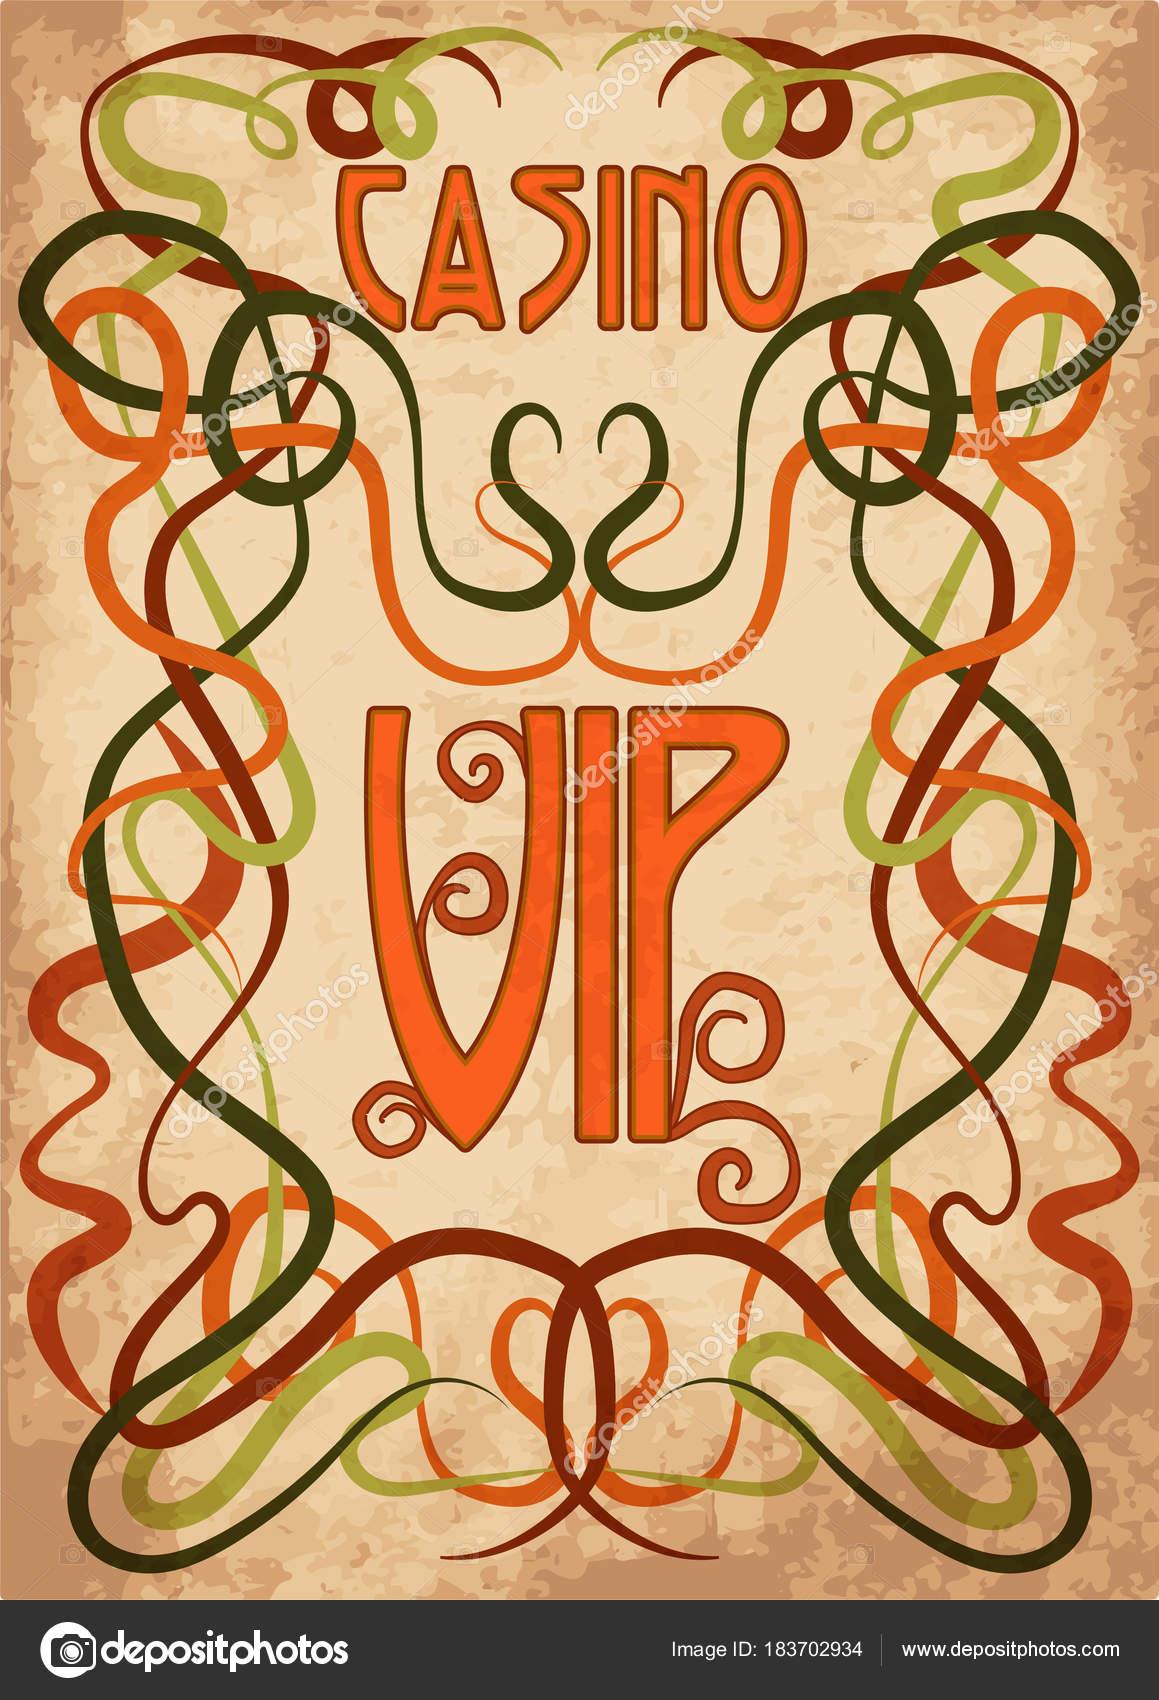 Tarjeta Invitación Vip Casino Estilo Art Nouveau Ilustración